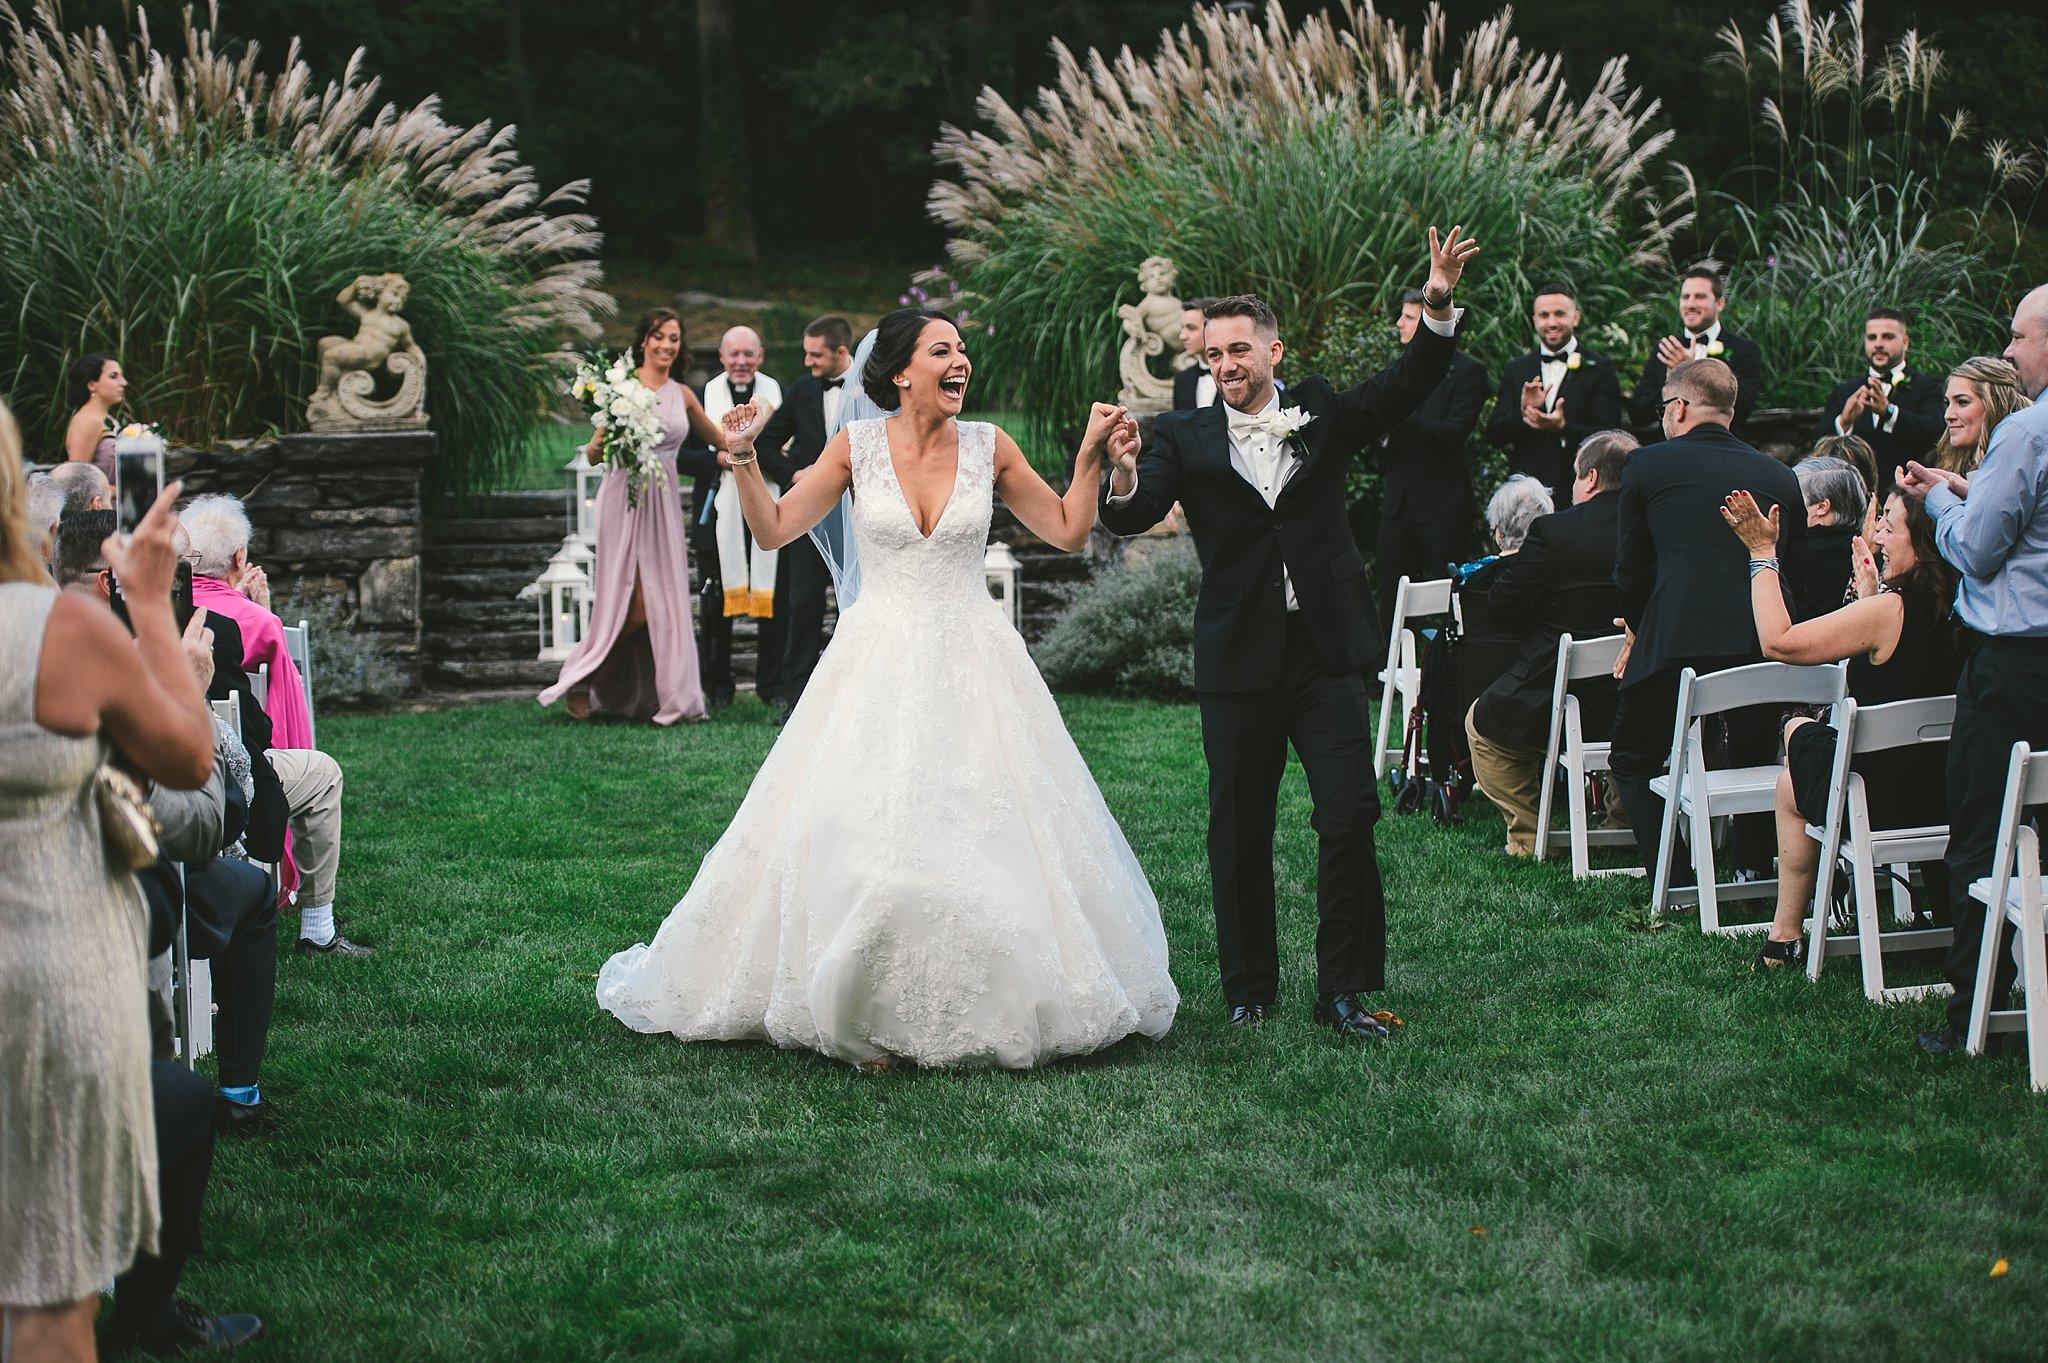 wedding banquet event ct united states saint clements castle